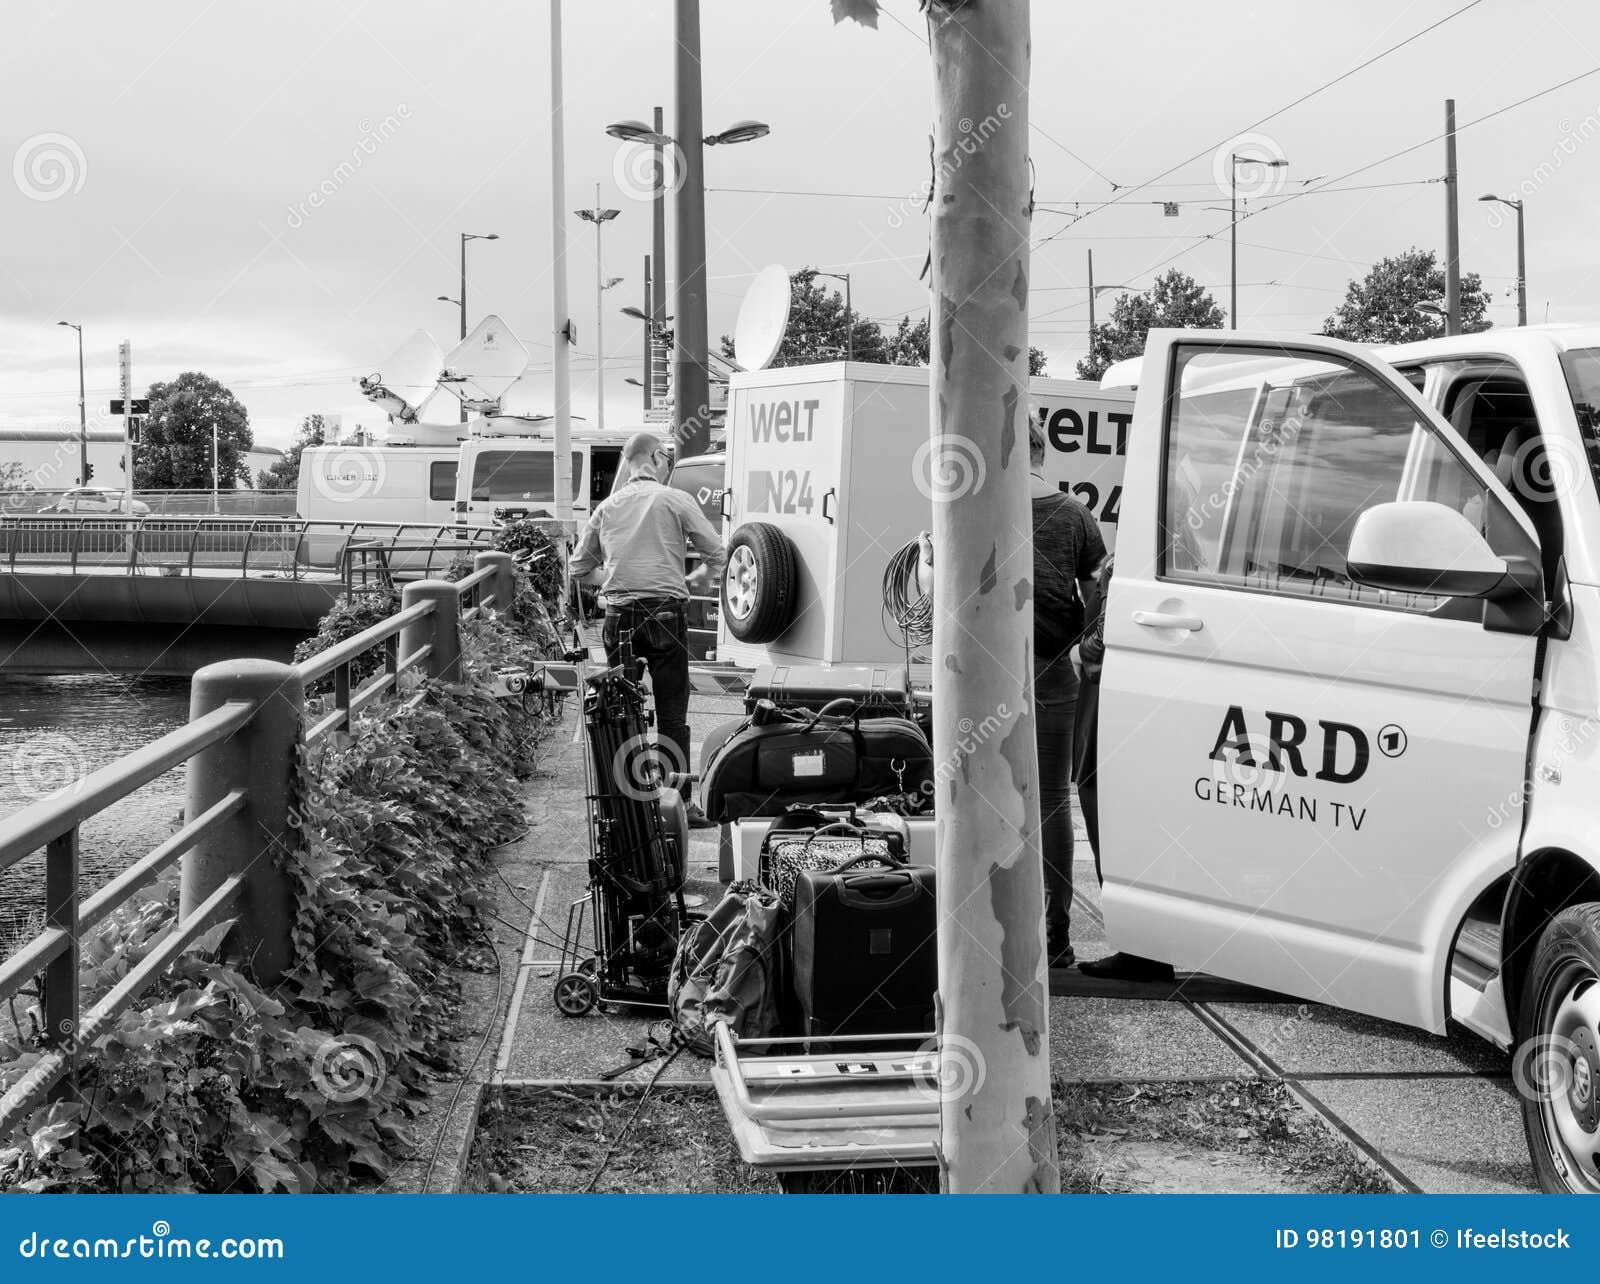 Consorzio delle emittenti pubbliche in camion della Germania ARD alla e in tensione